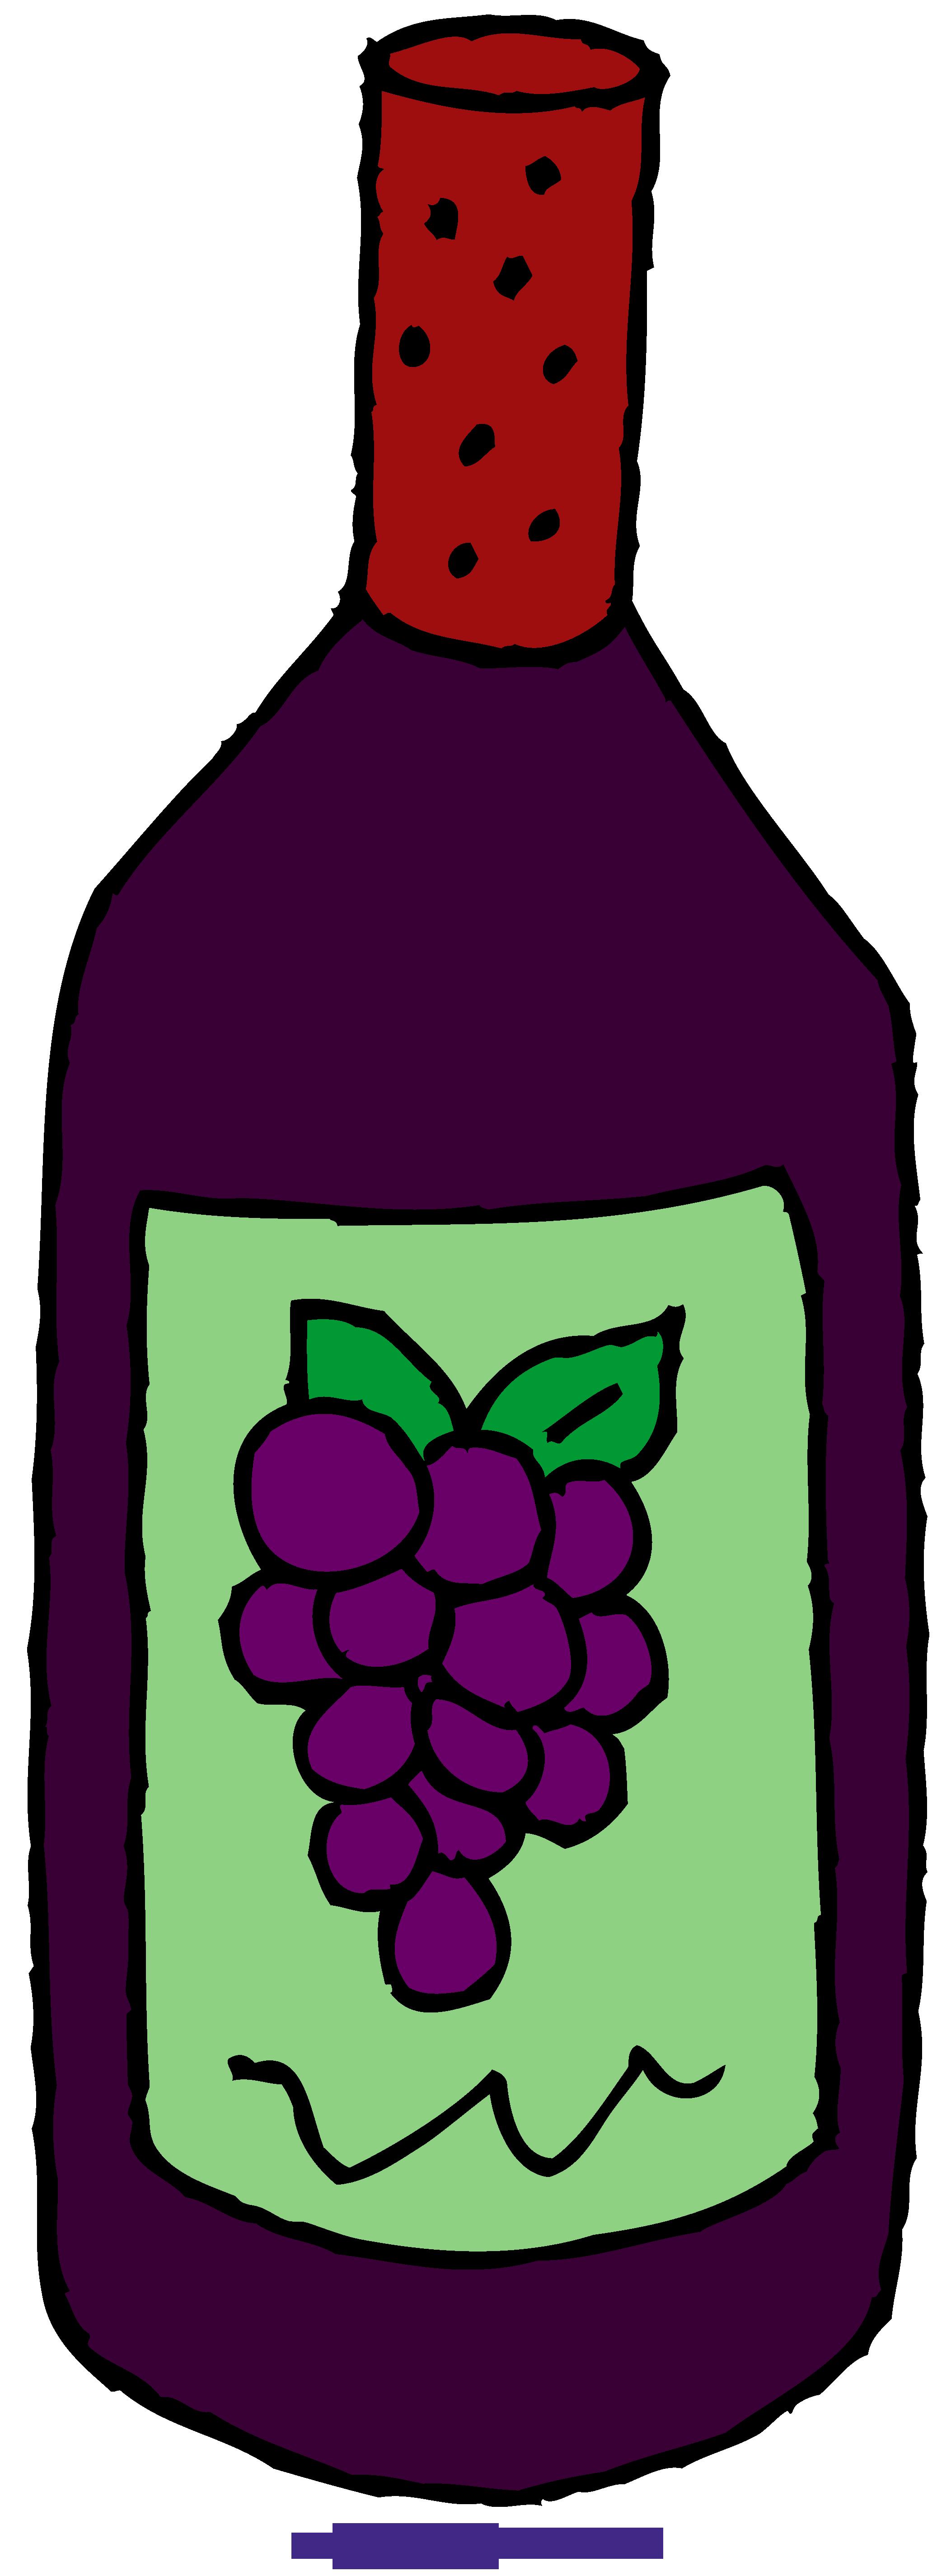 wine bottle clipart clipart sweet clip art rh m sweetclipart com wine bottle clipart png wine bottle clip art images free